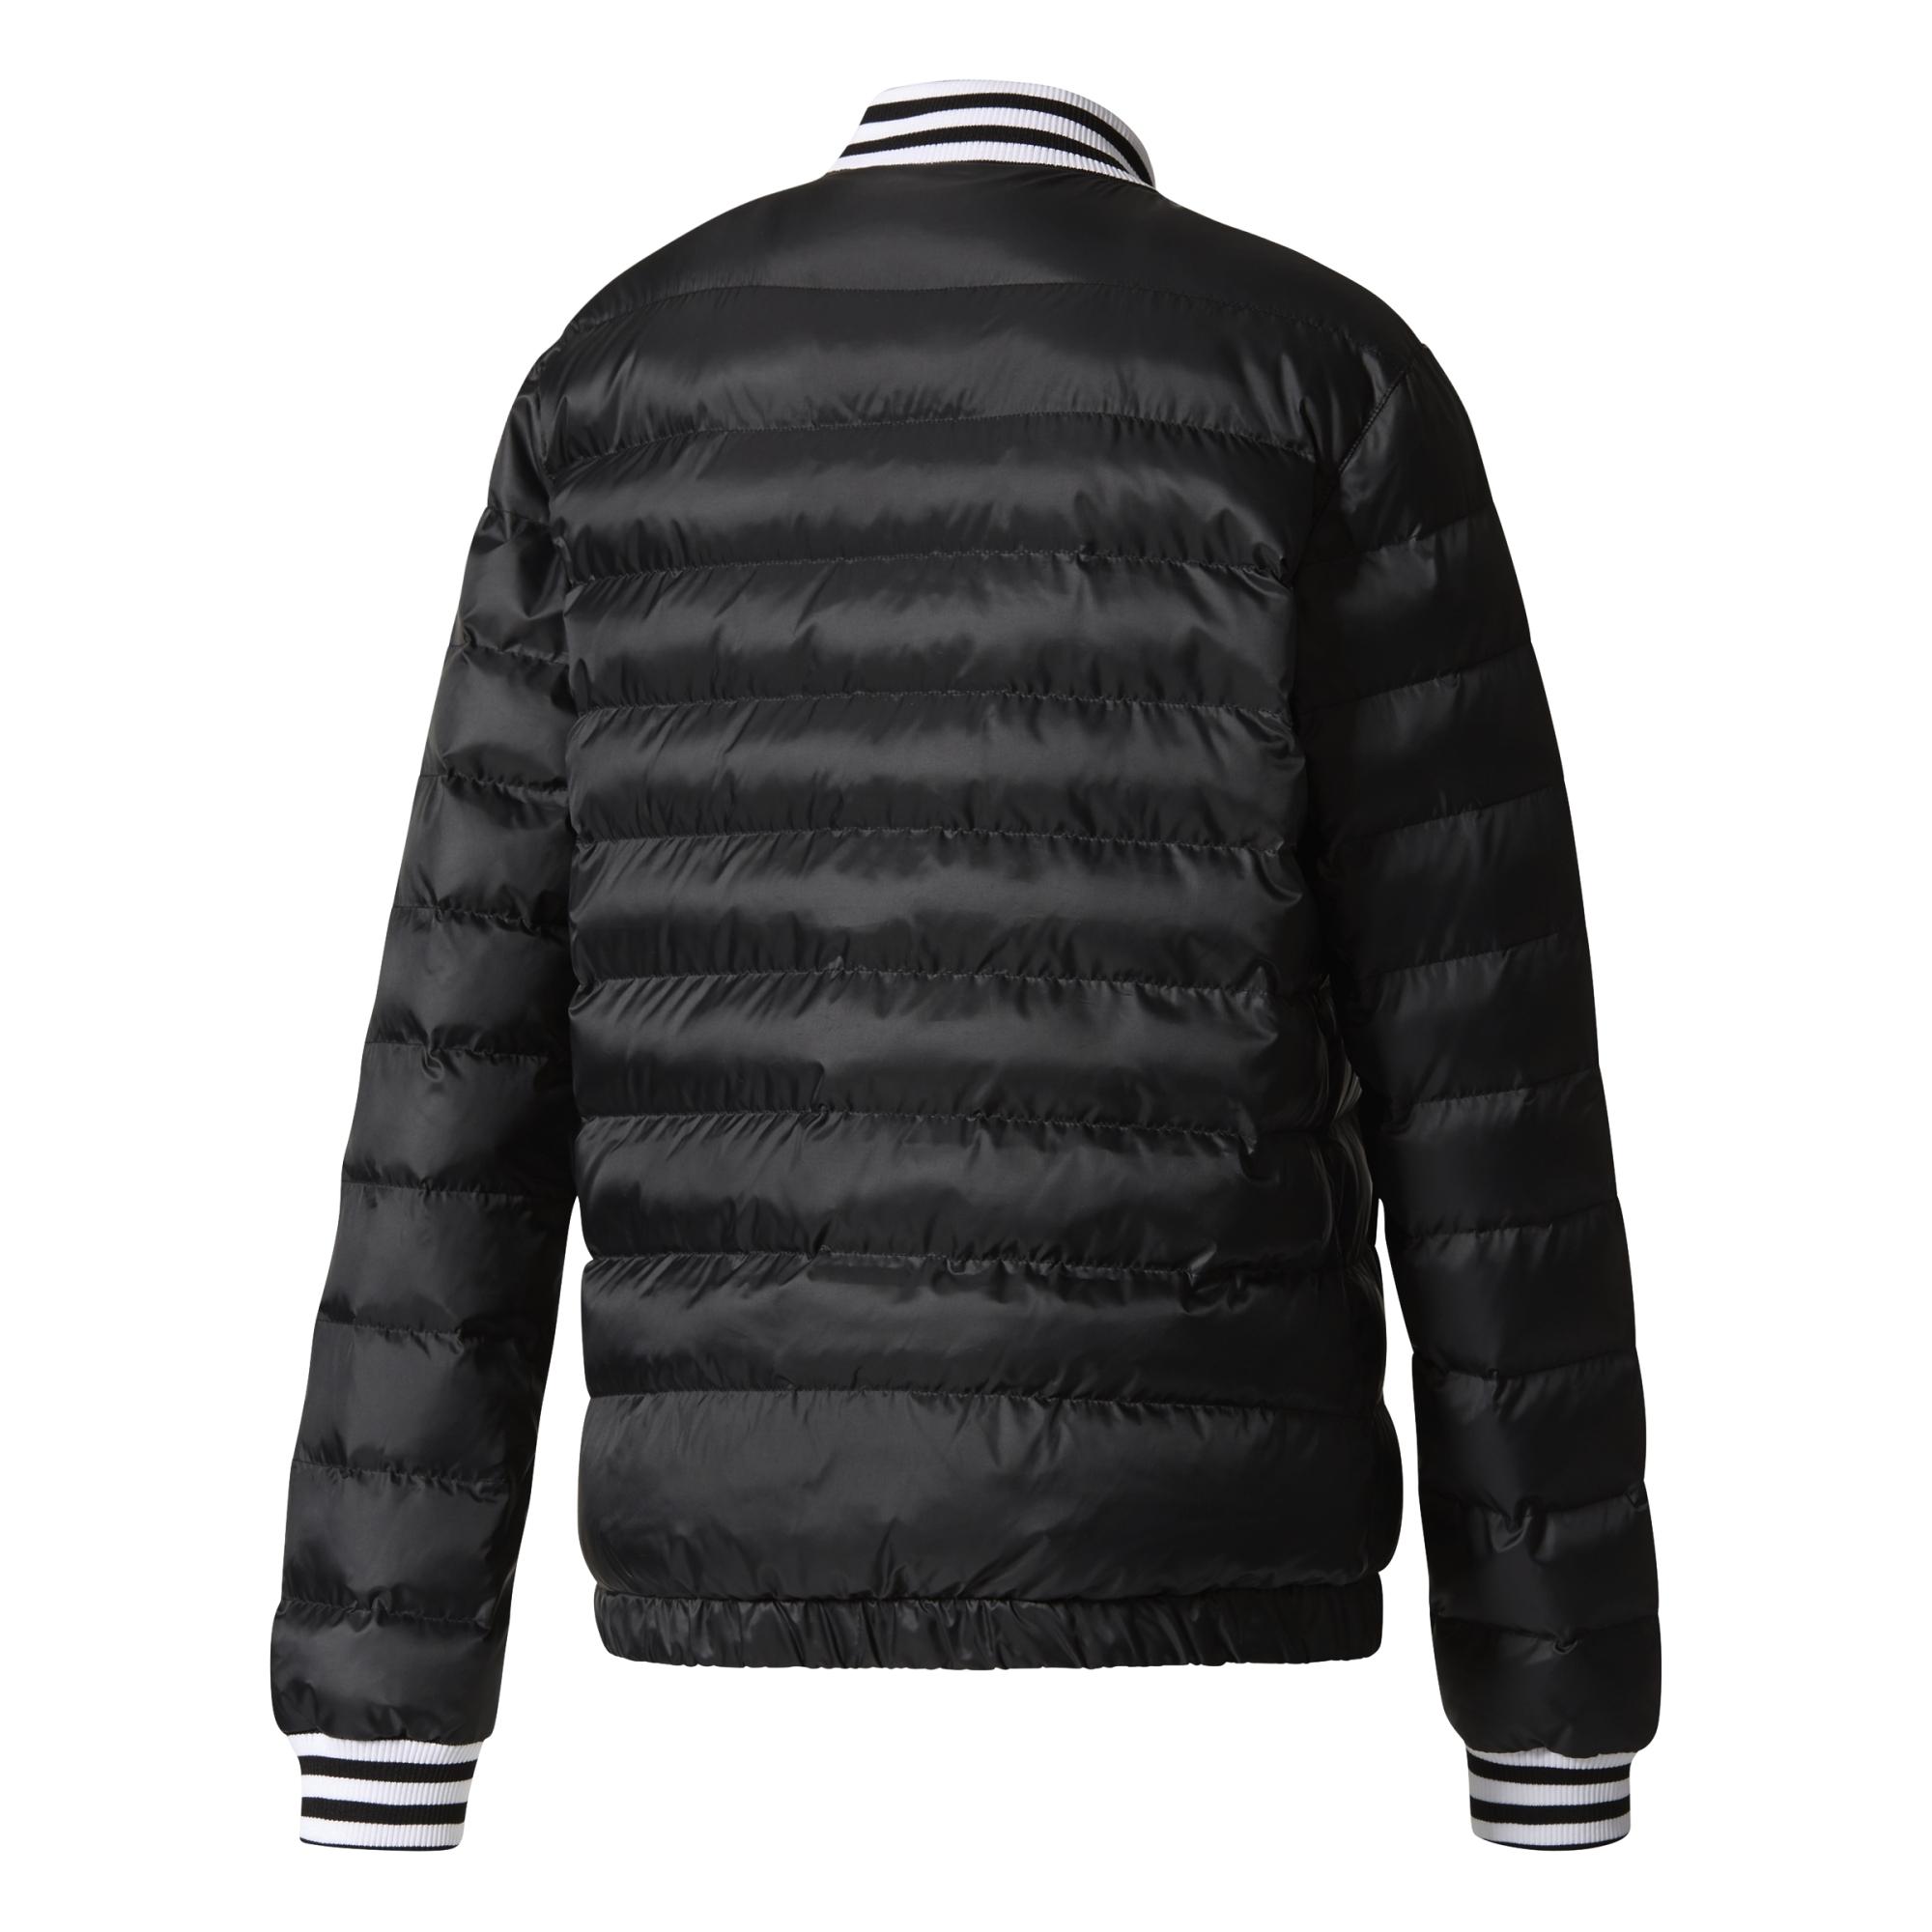 Brandi | Sklep sportowy Obuwie, Odzież, Akcesoria > Kurtka Damska Adidas ESS Padded AA8532